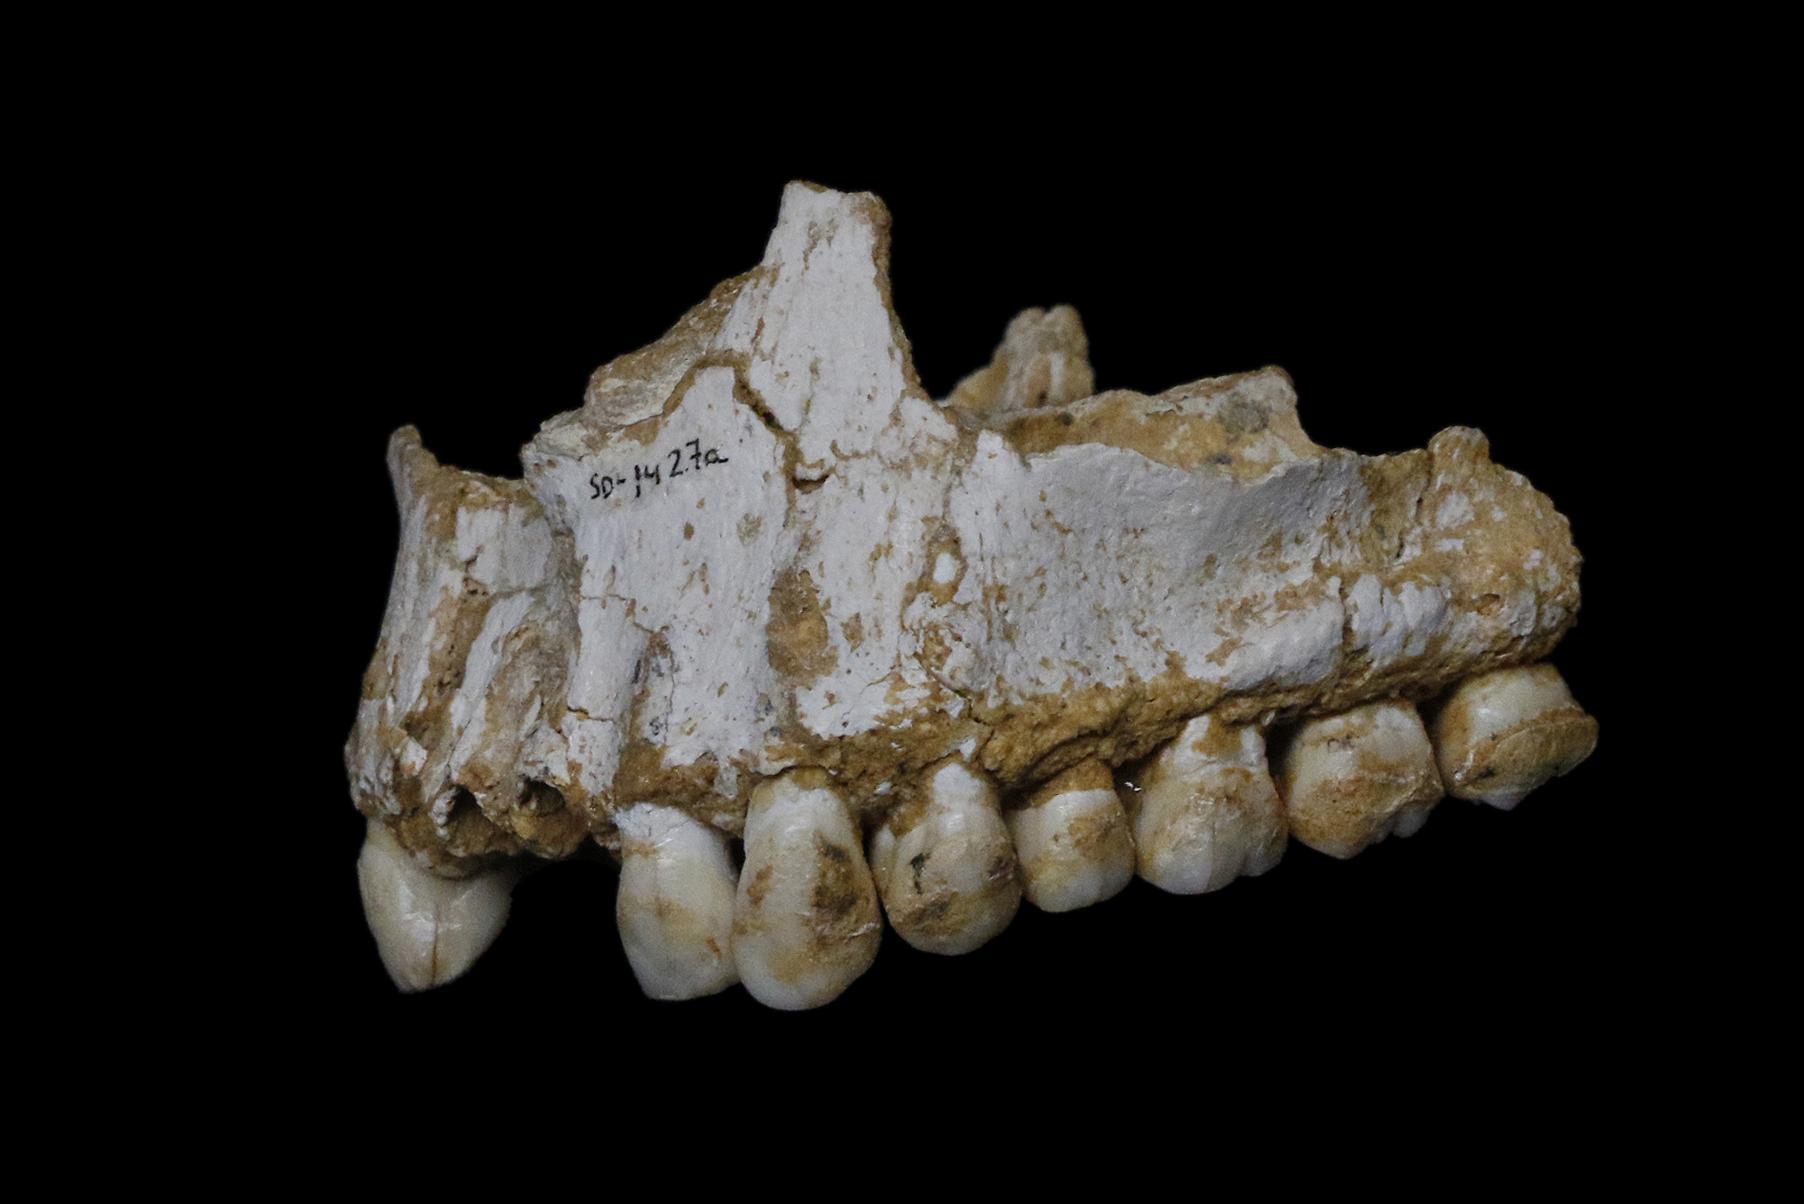 Верхняя челюсть неандертальца из пещеры Эль-Сидрон